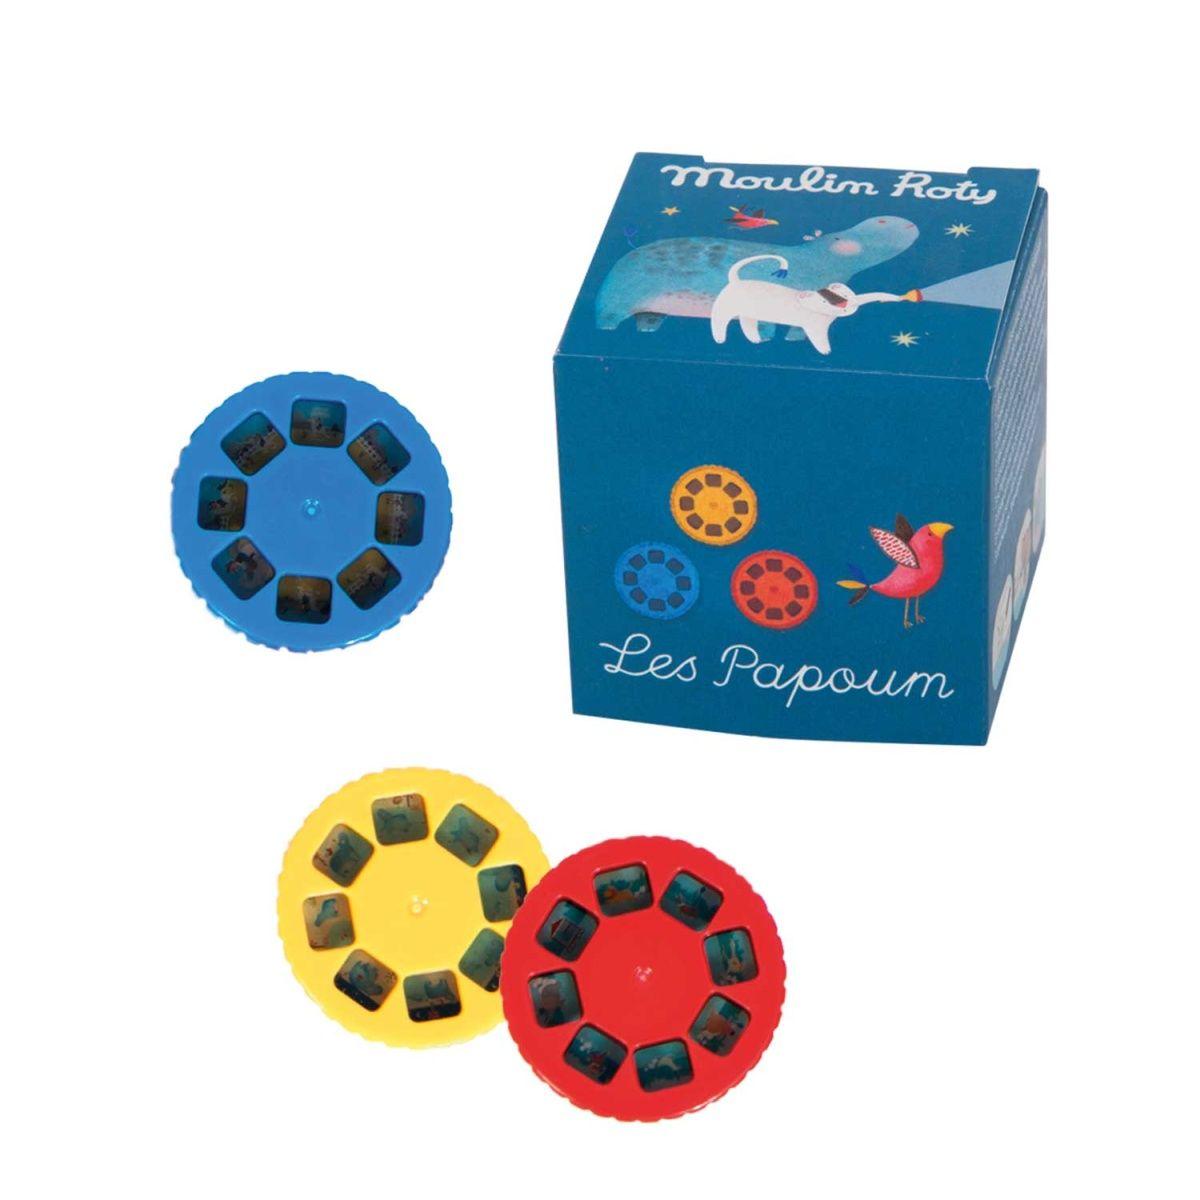 Disketten für Projektionsleuchte Les Papoum